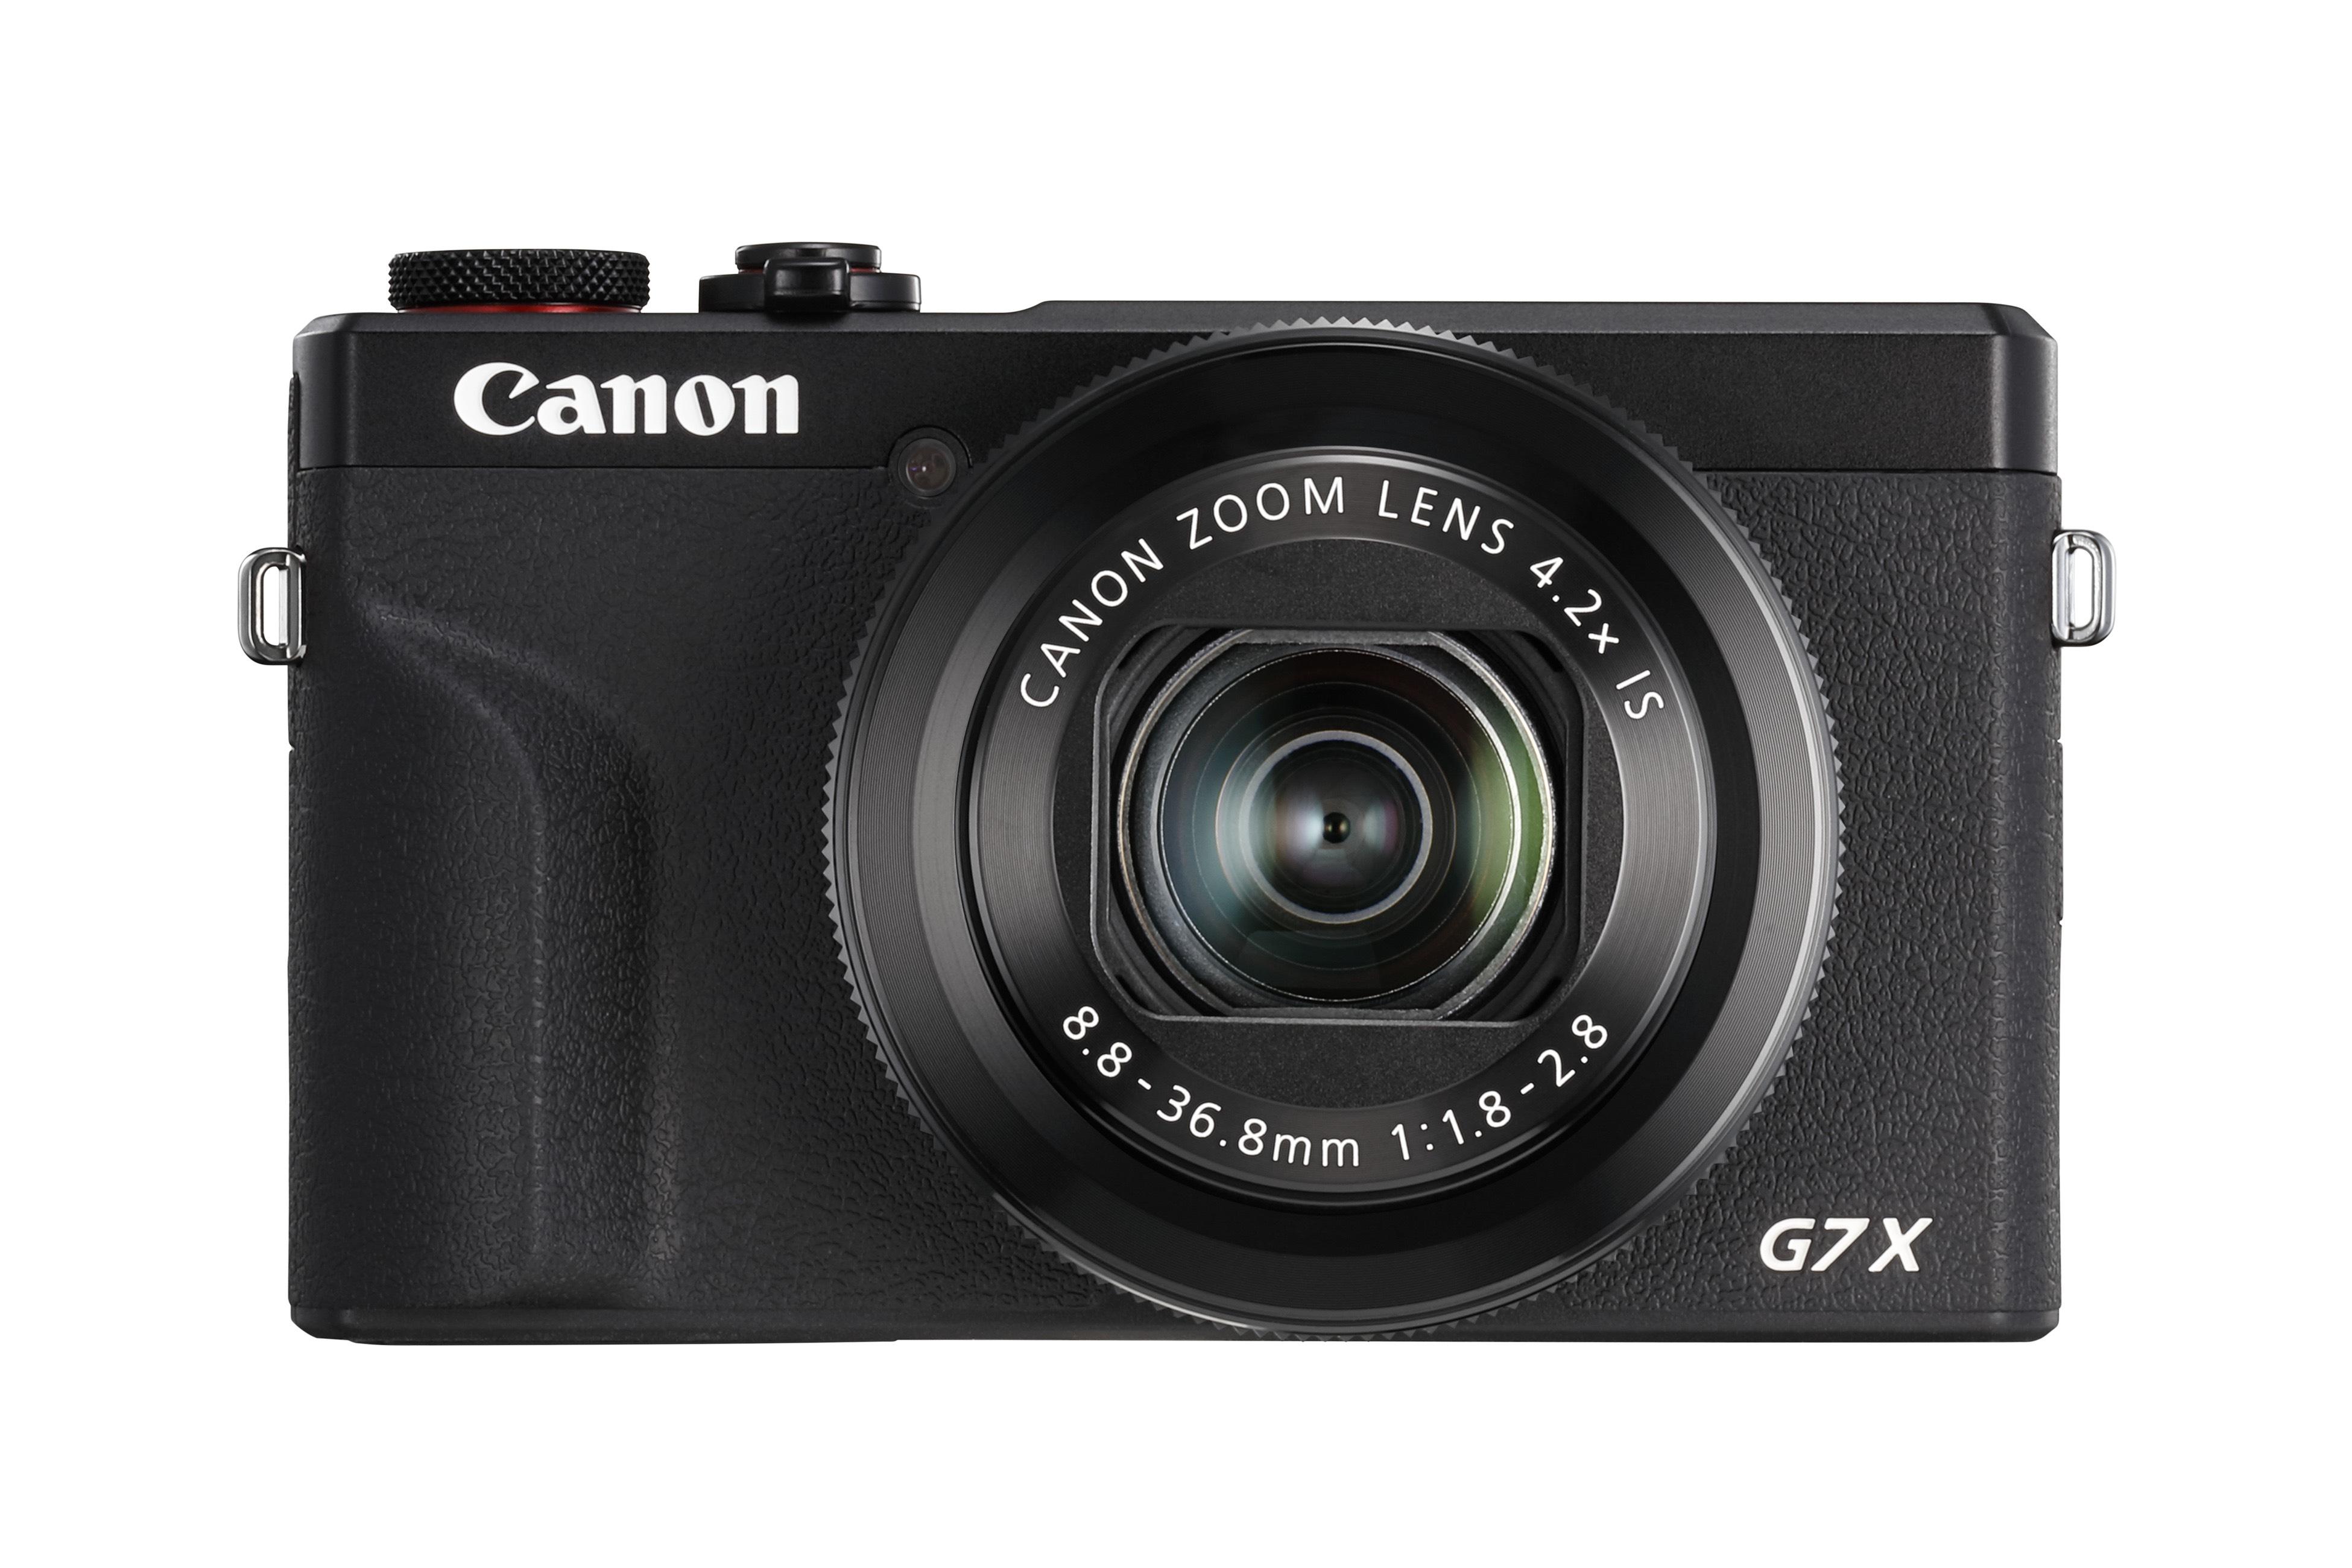 Canon PowerShot G7 X Mark III & G5 X Mark II - Newsshooter